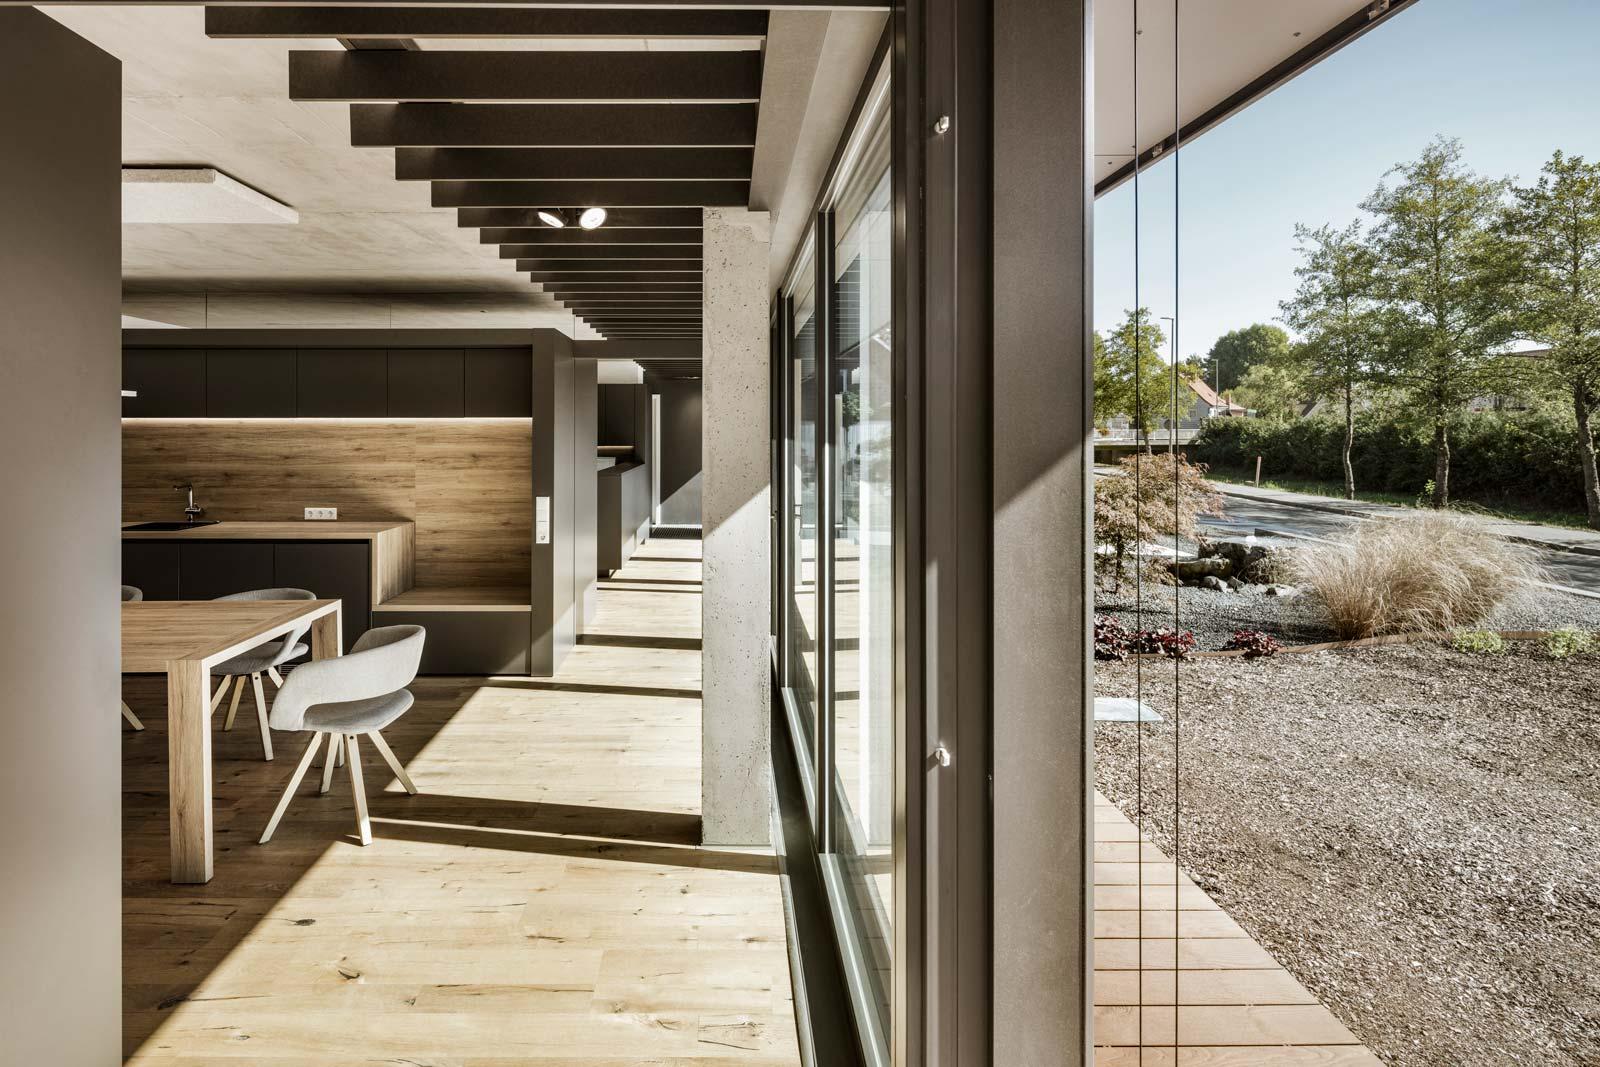 Nickel und Wachter Architekten - Garten- und Landschaftsbau Christa Altenkunstadt